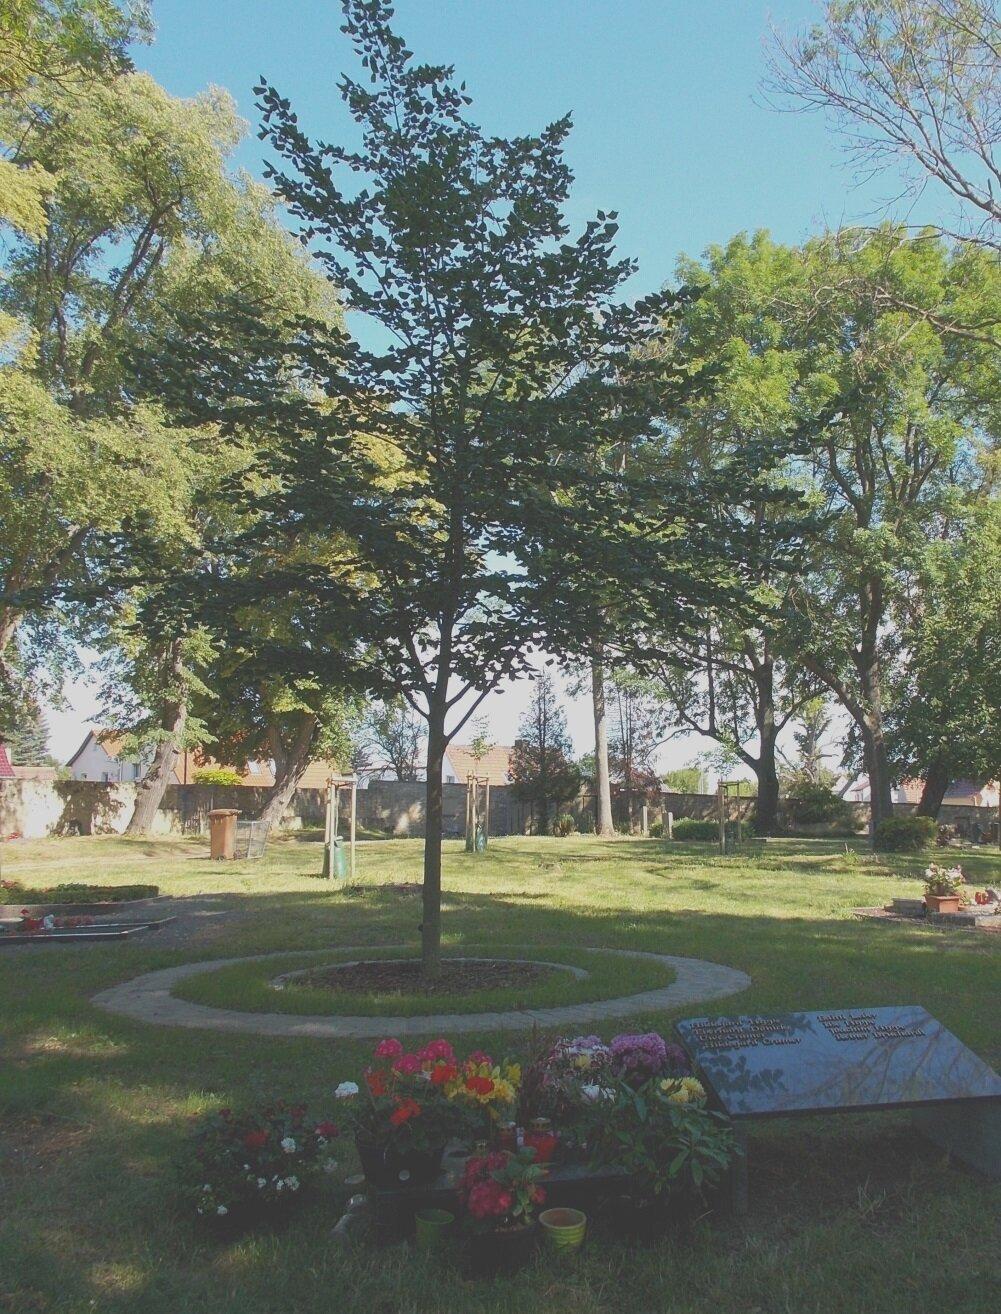 Anlage Baumbestattung auf dem Friedhof Querfurt